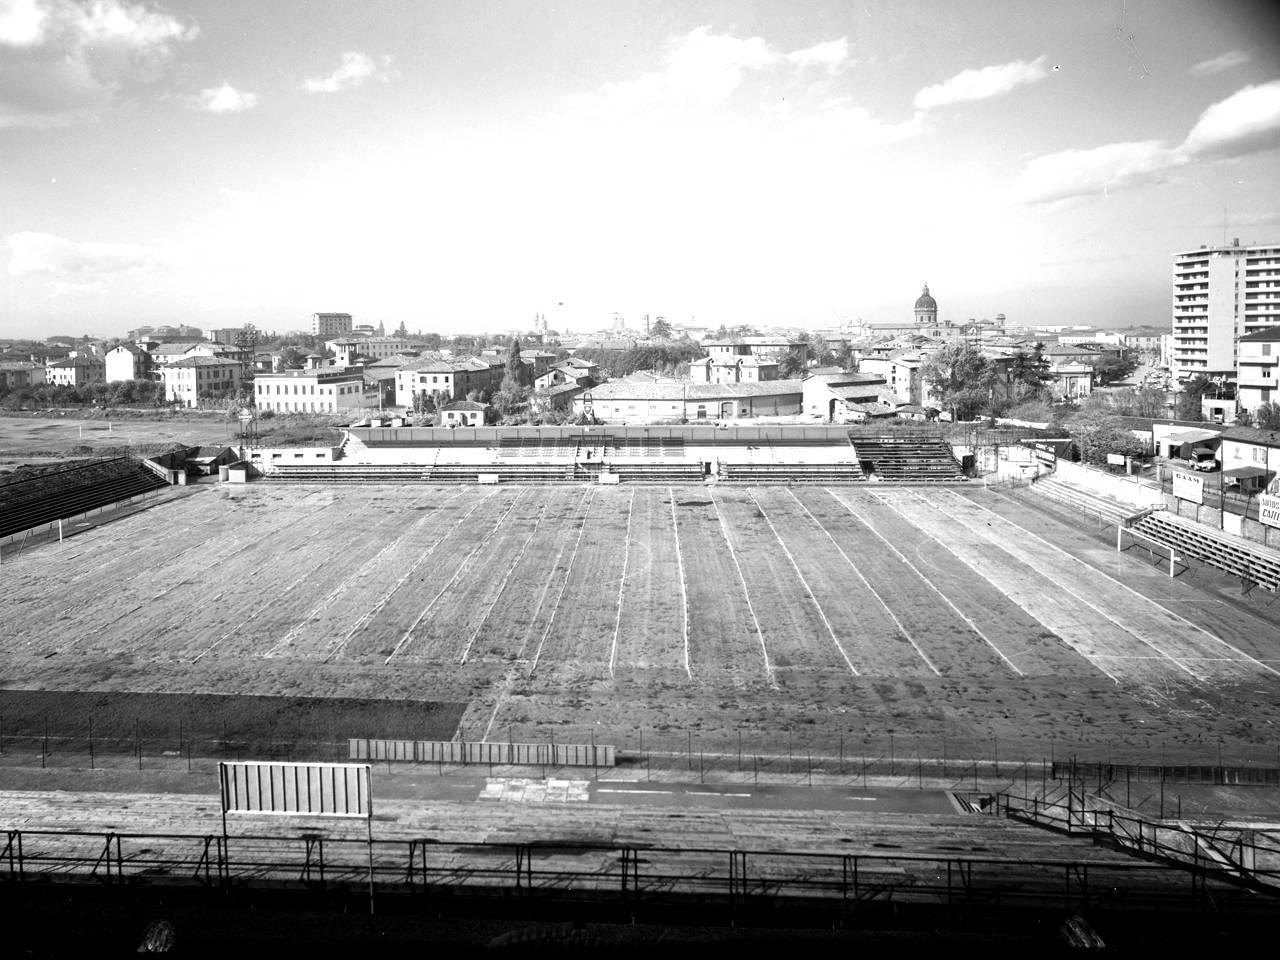 stadio mirabello 1960